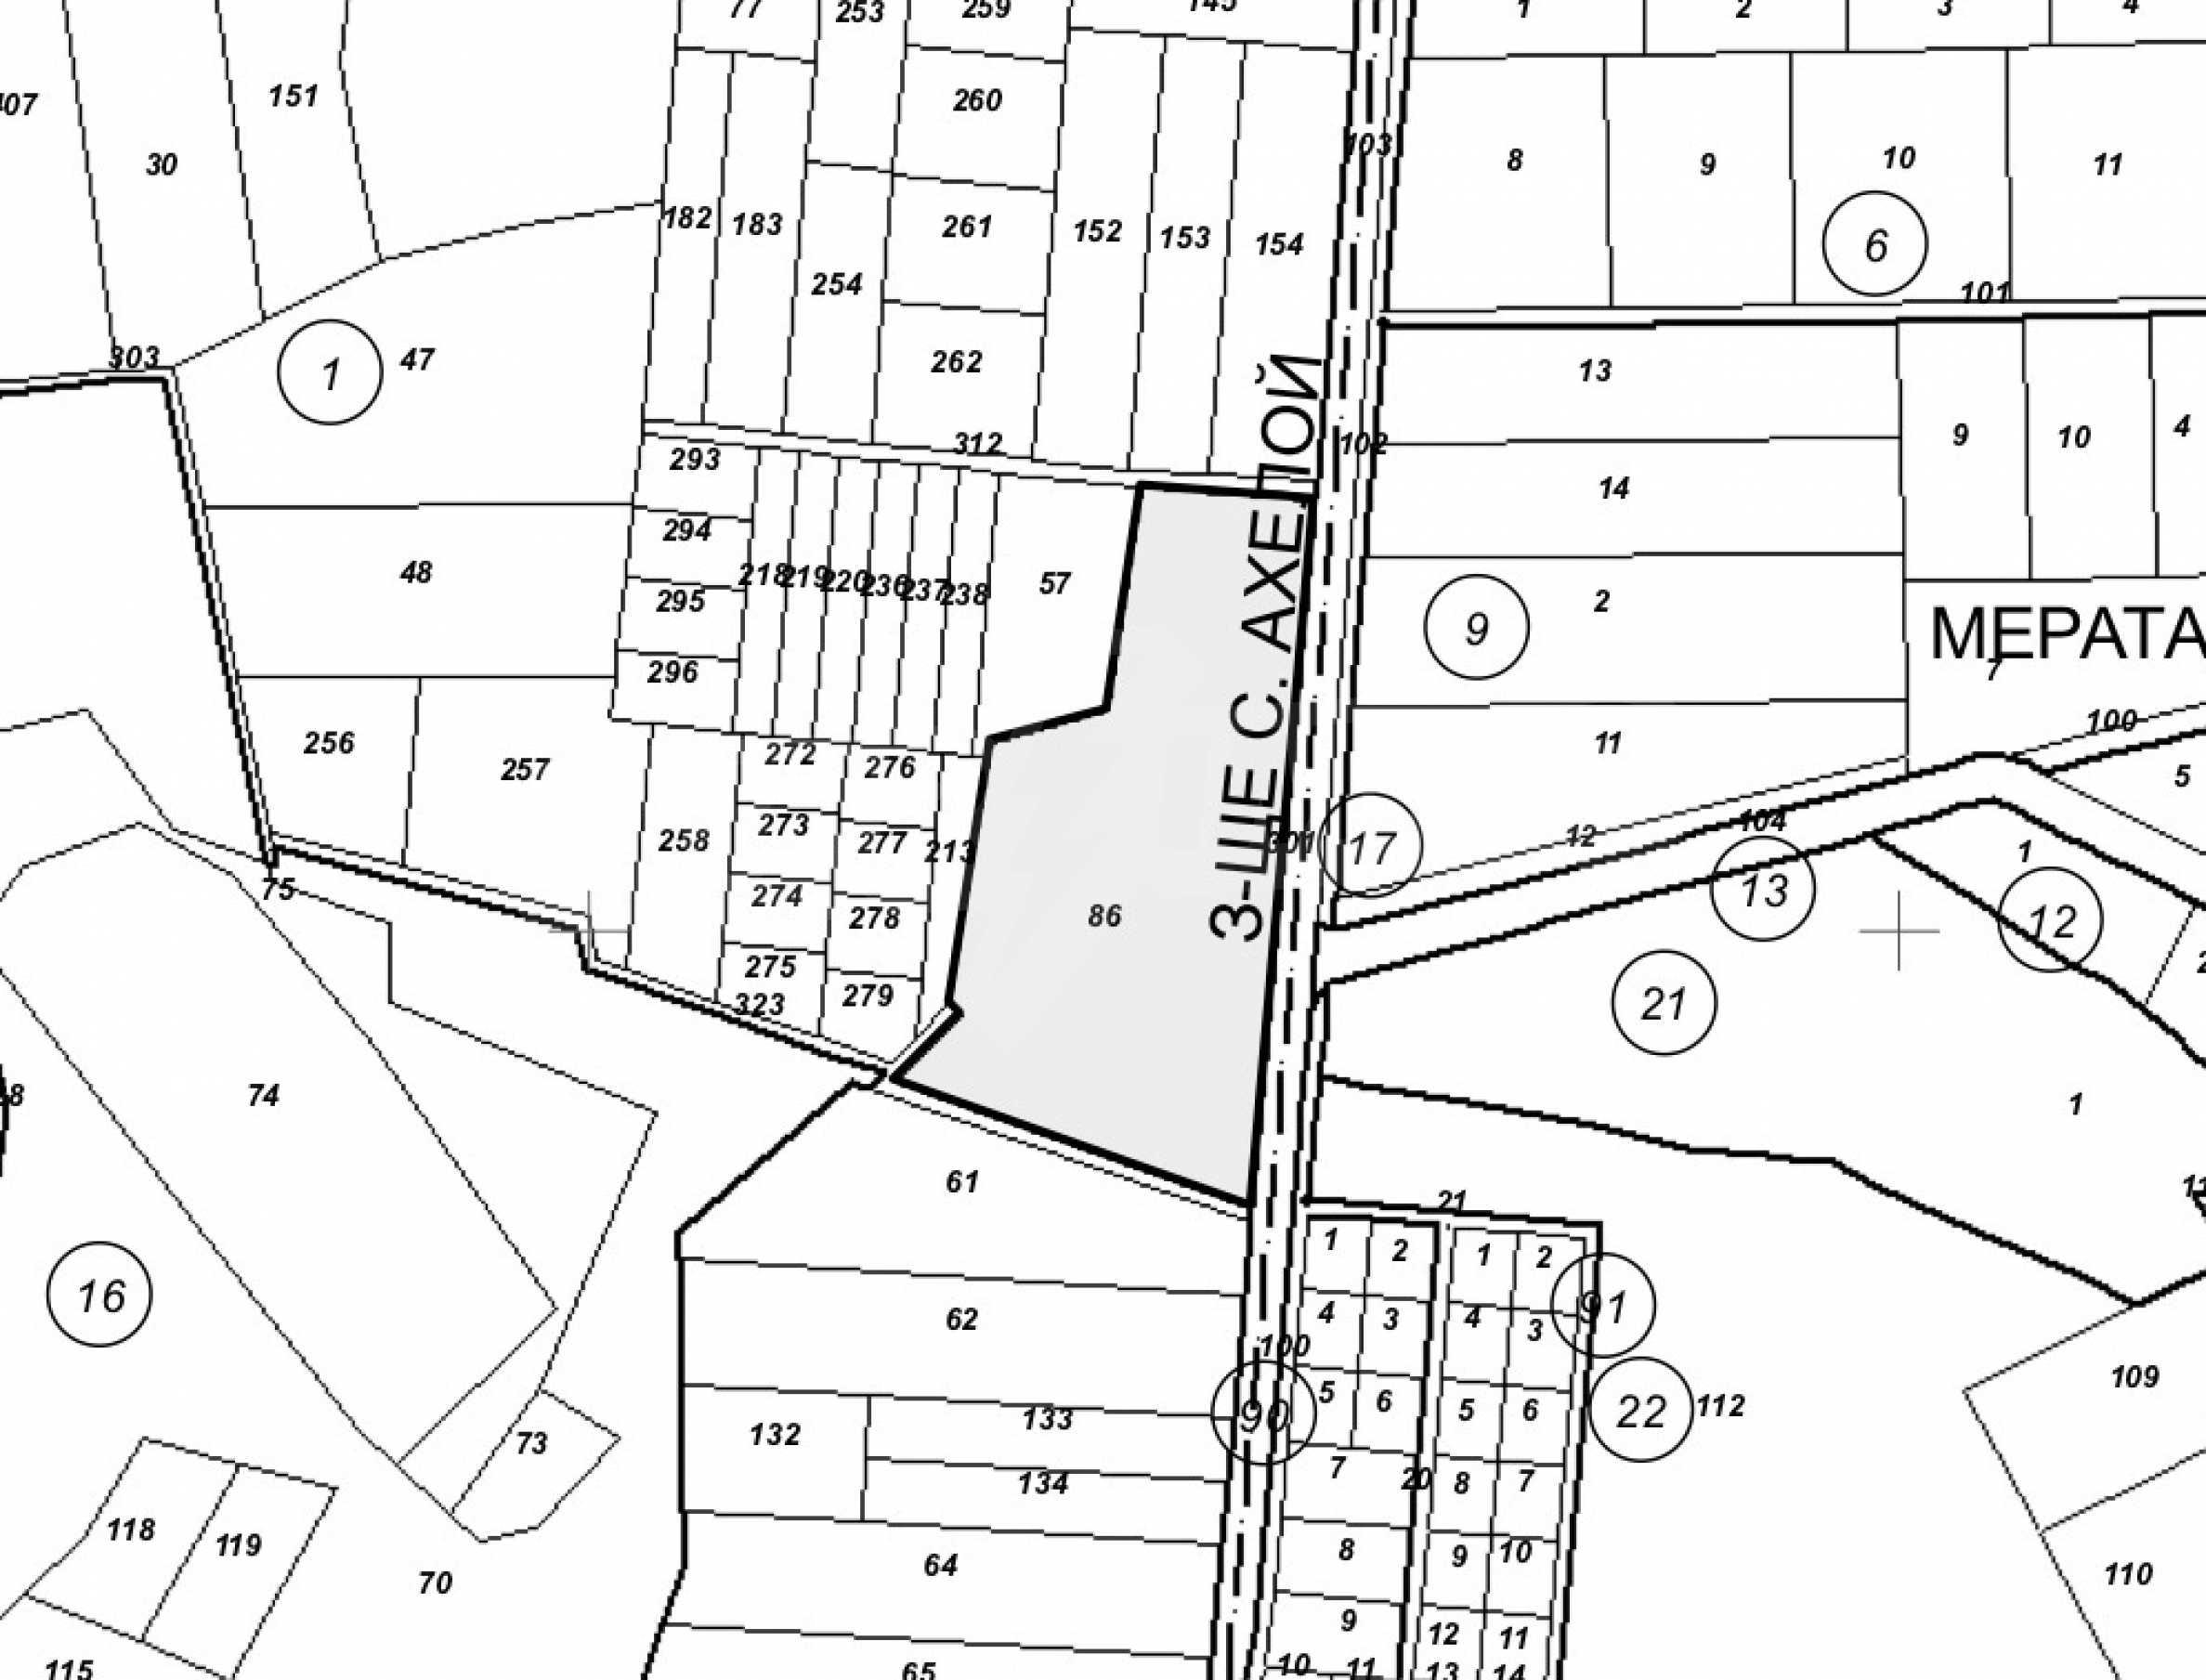 Attraktives Grundstück für Investieren in der Nähe des historischen Komplexes Aheloy 917 und Sonnenstrand, bei Tankowo und Aheloy 5